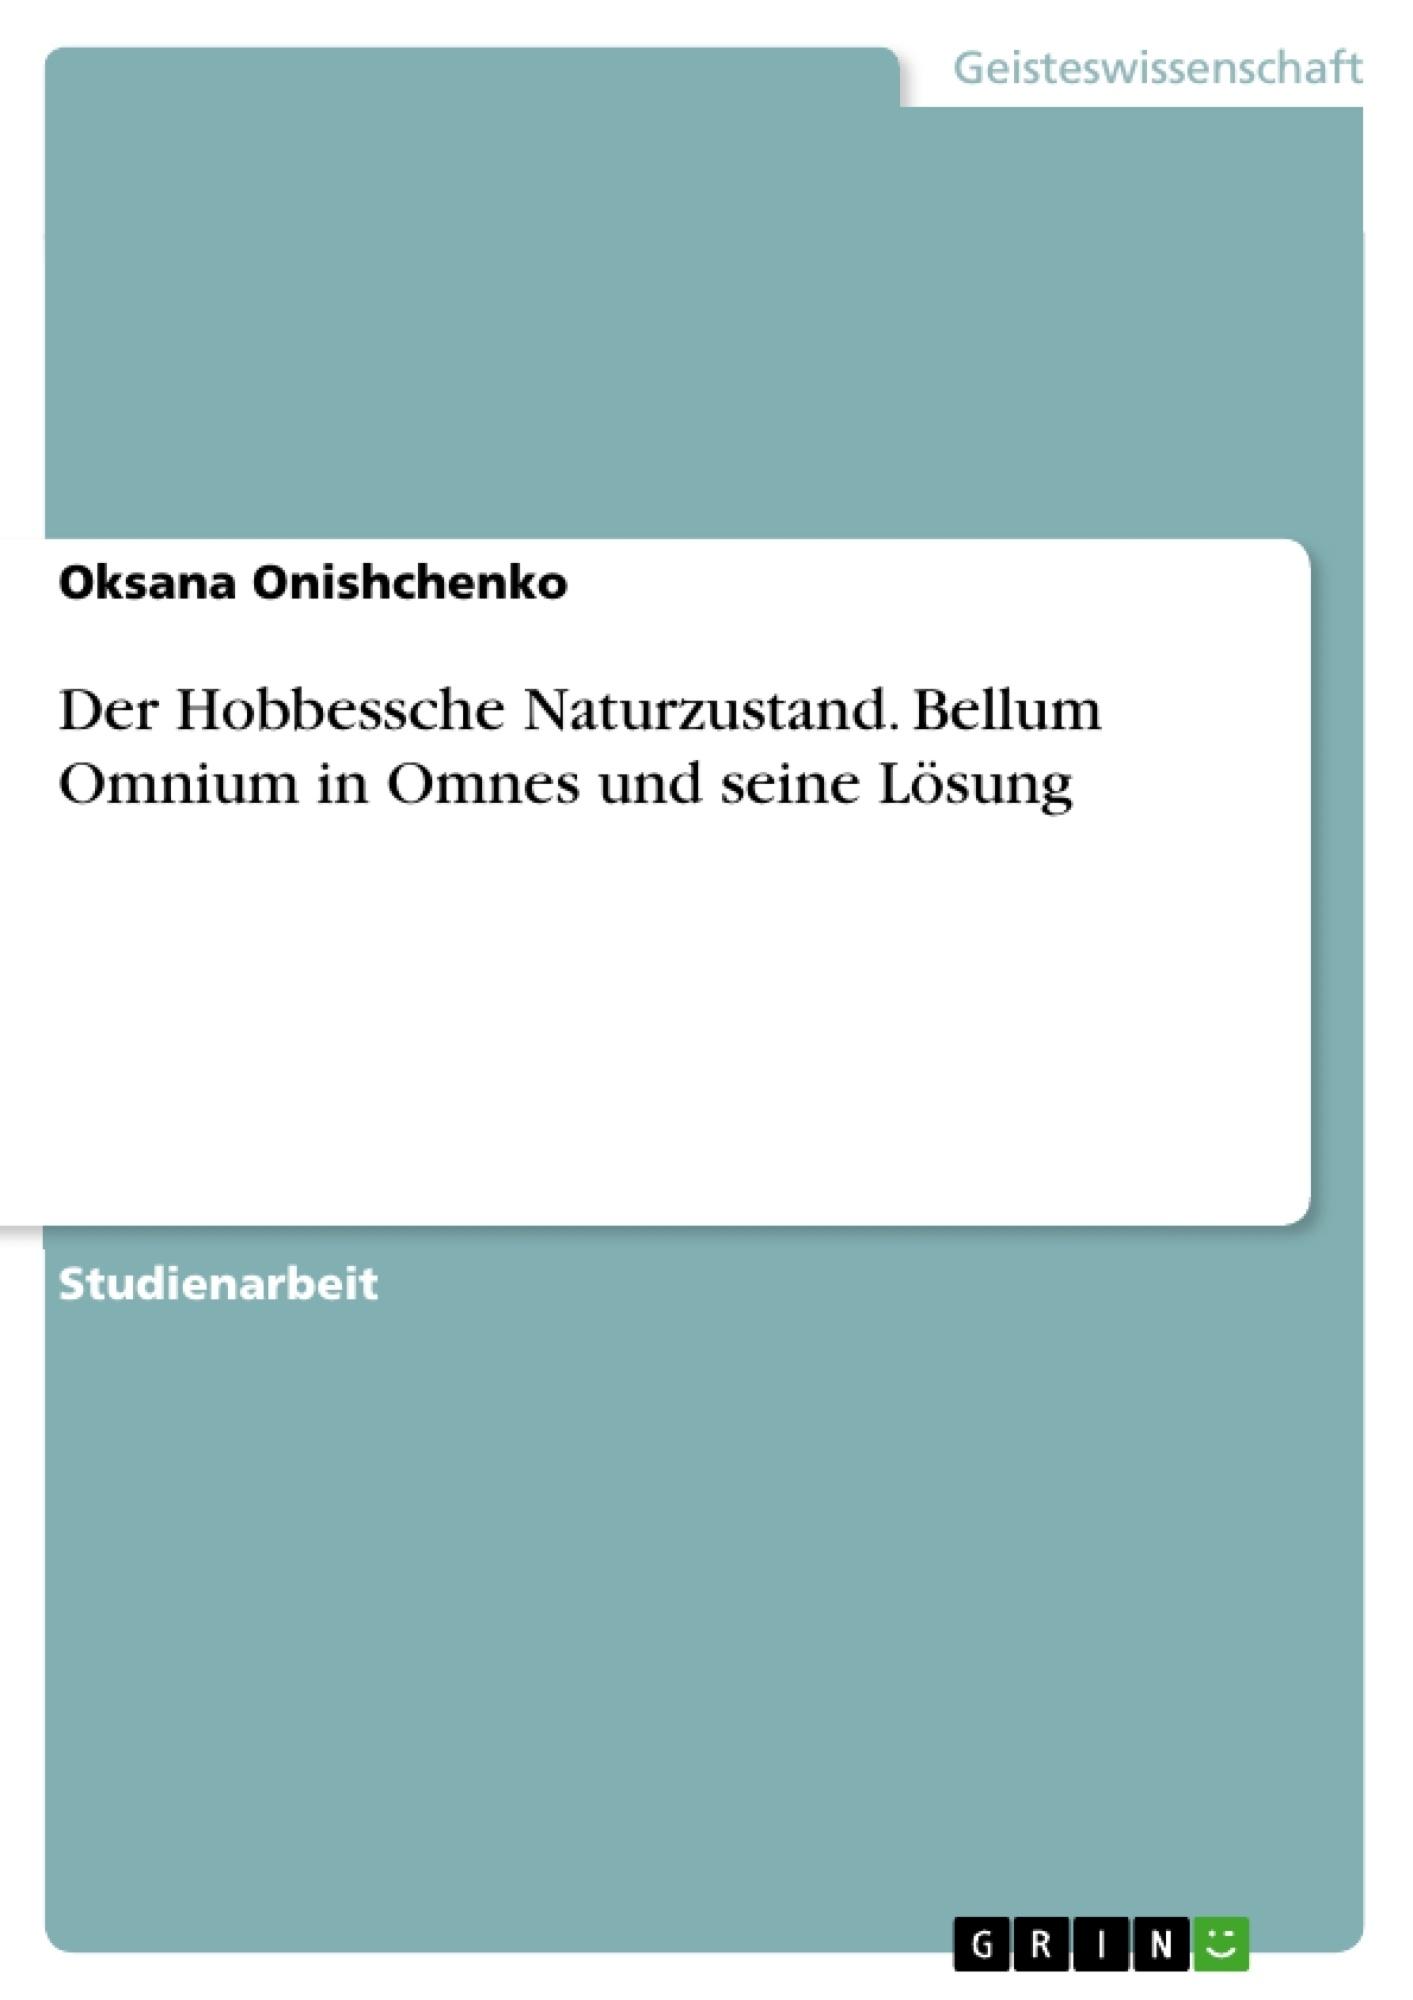 Titel: Der Hobbessche Naturzustand. Bellum Omnium in Omnes und seine Lösung